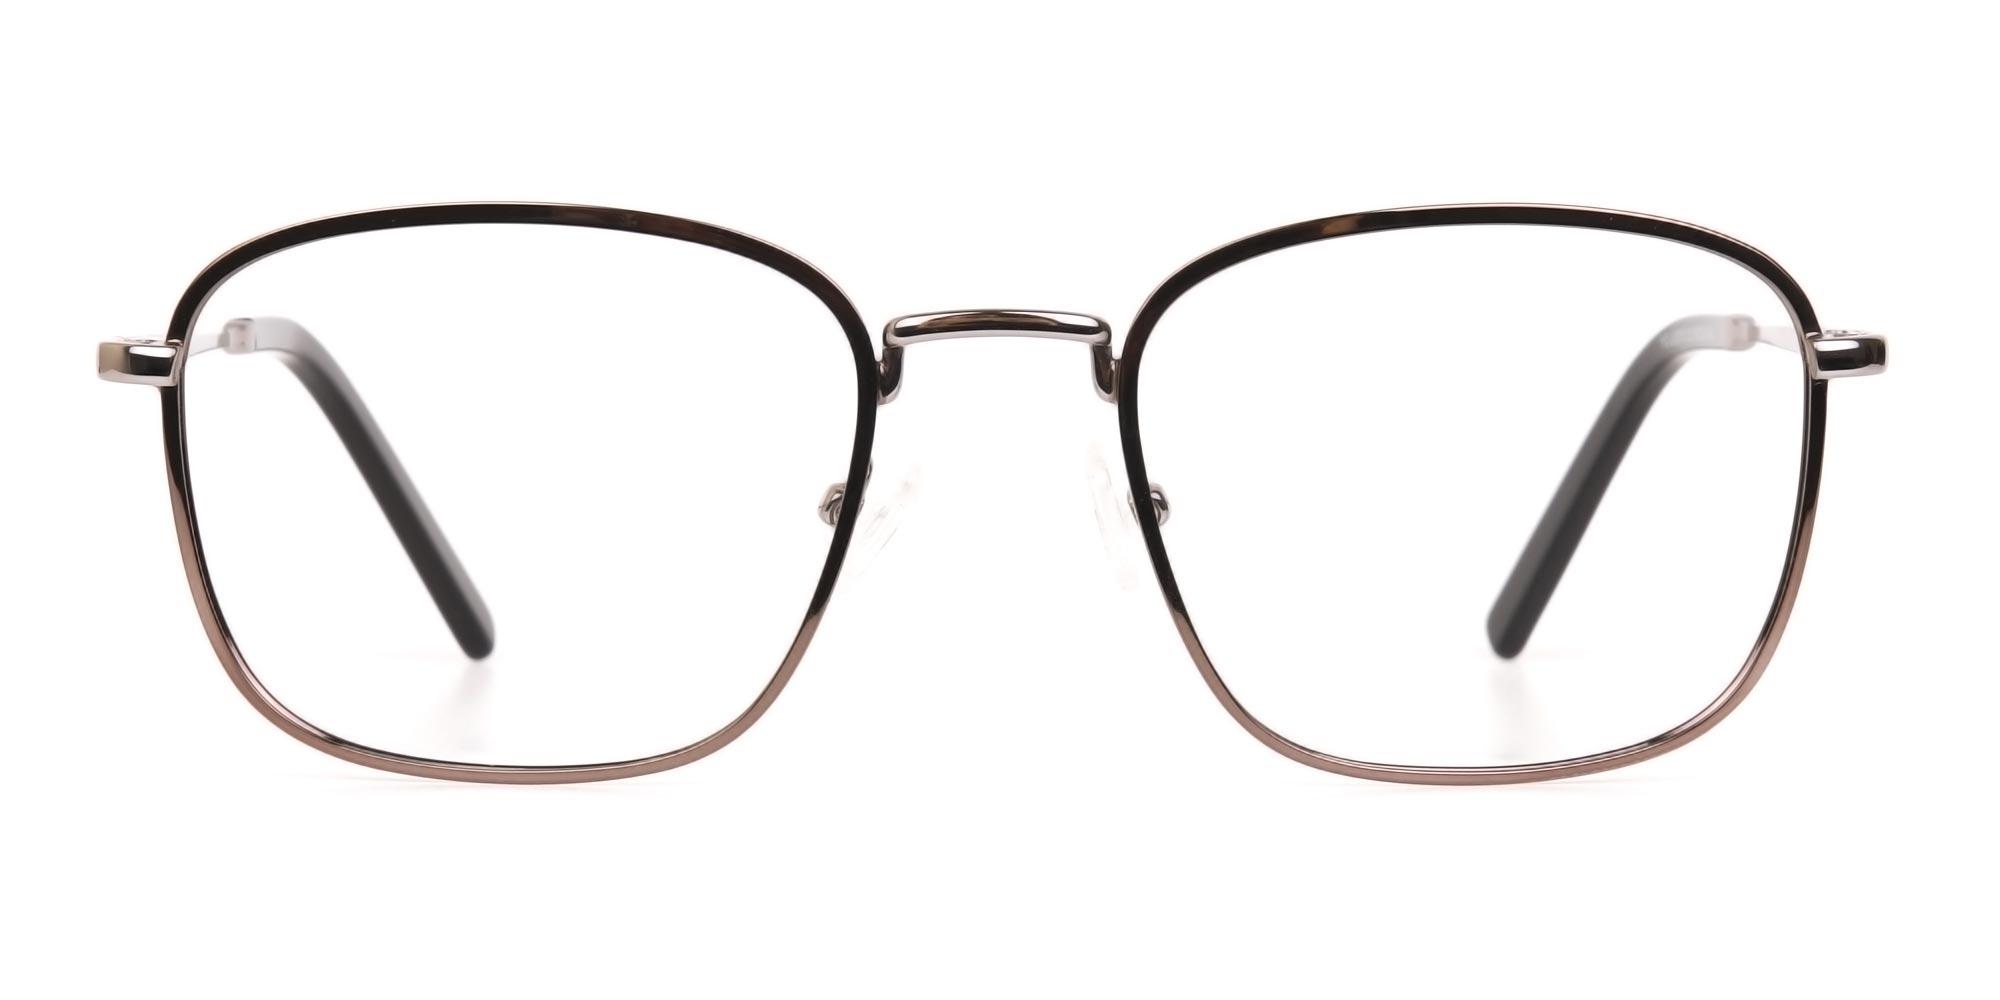 Gunmetal Glasses in Wayfarer for oval face